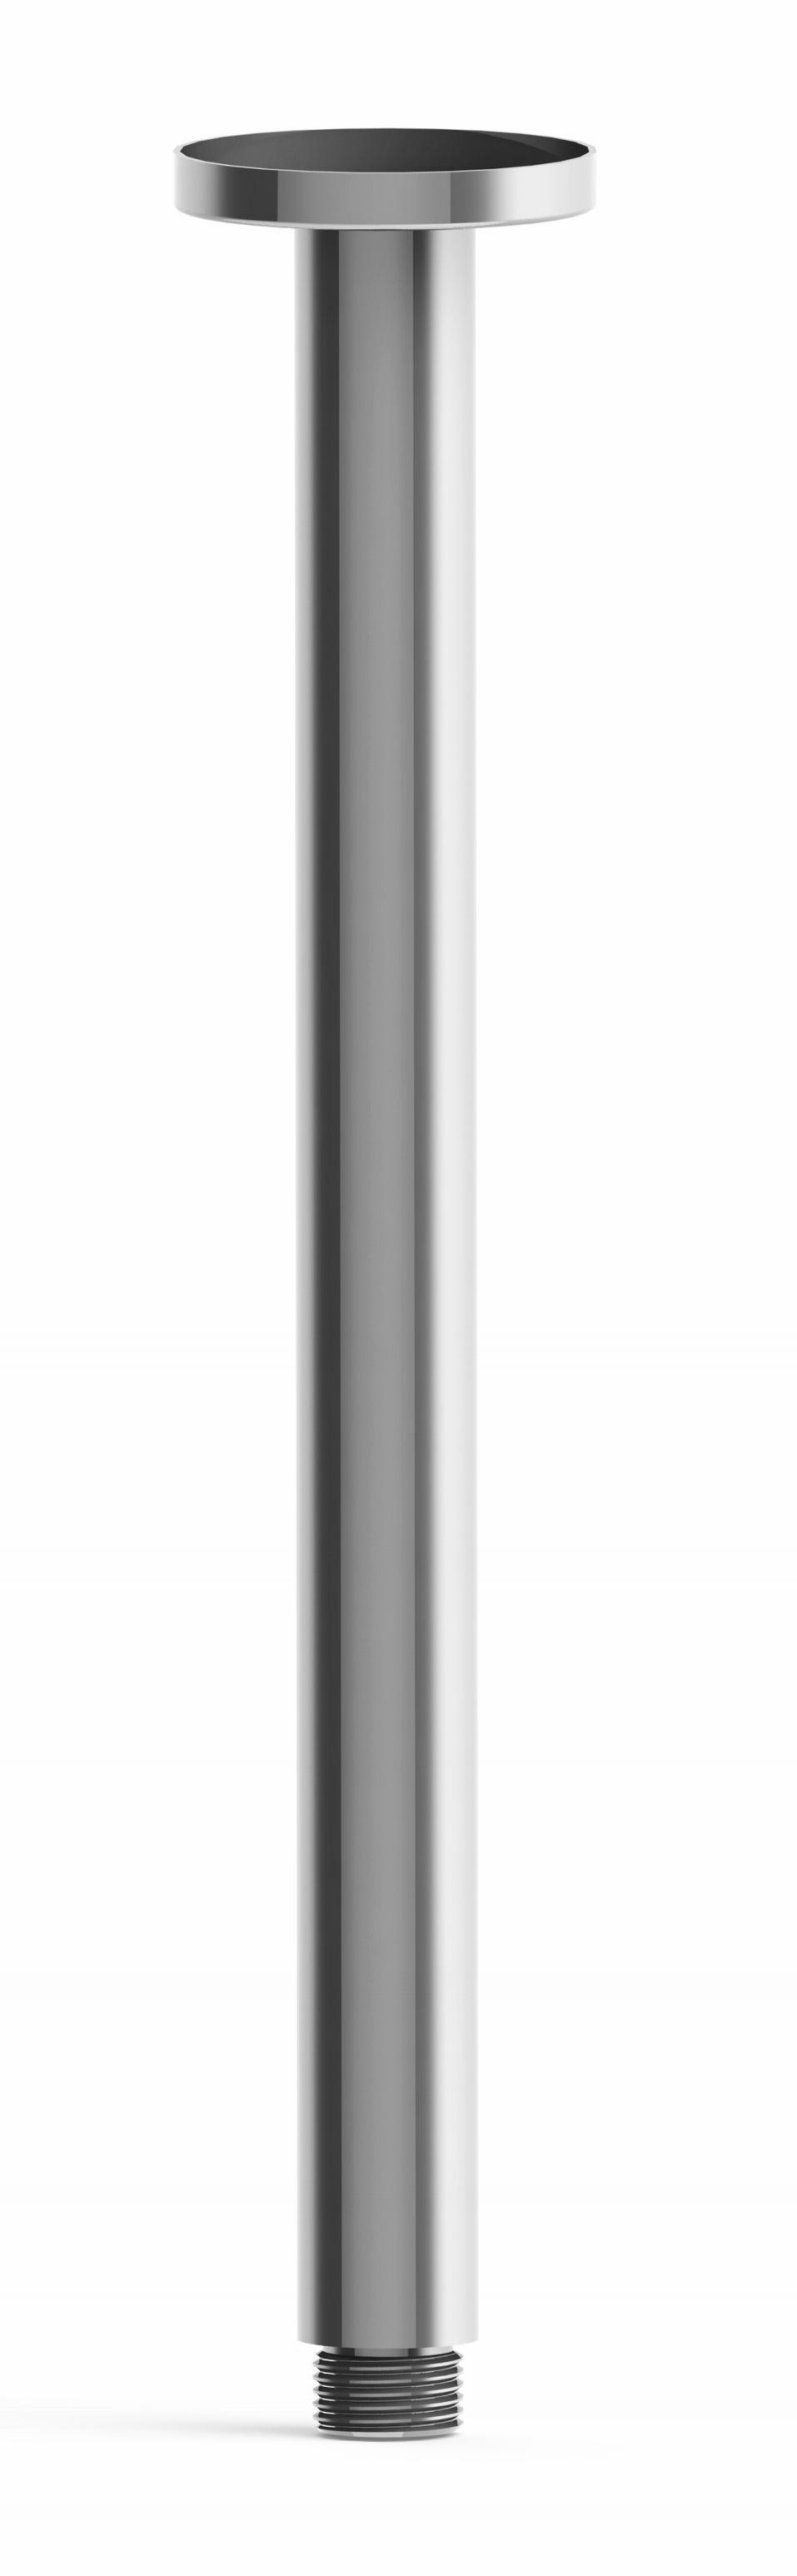 Senza Round Shower Arm